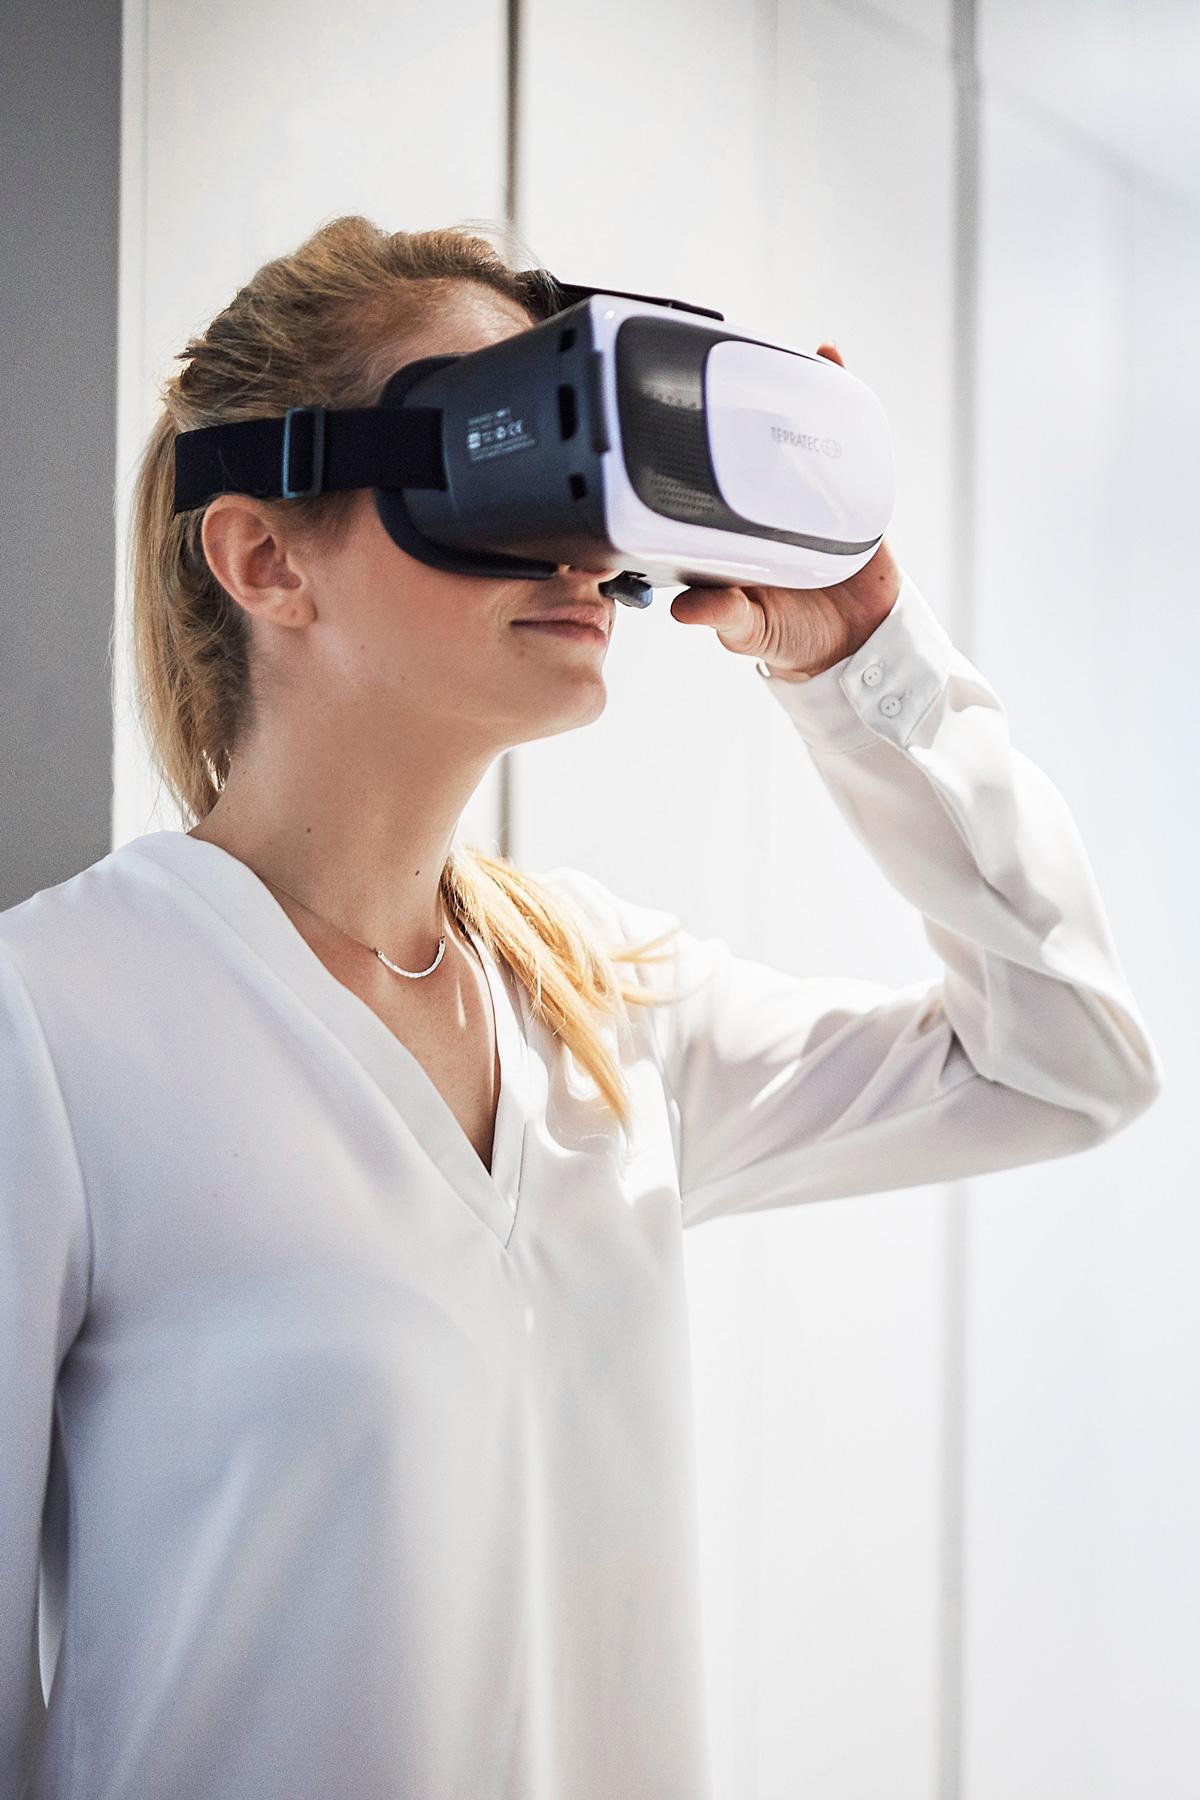 dittelarchitekten, VR Brille